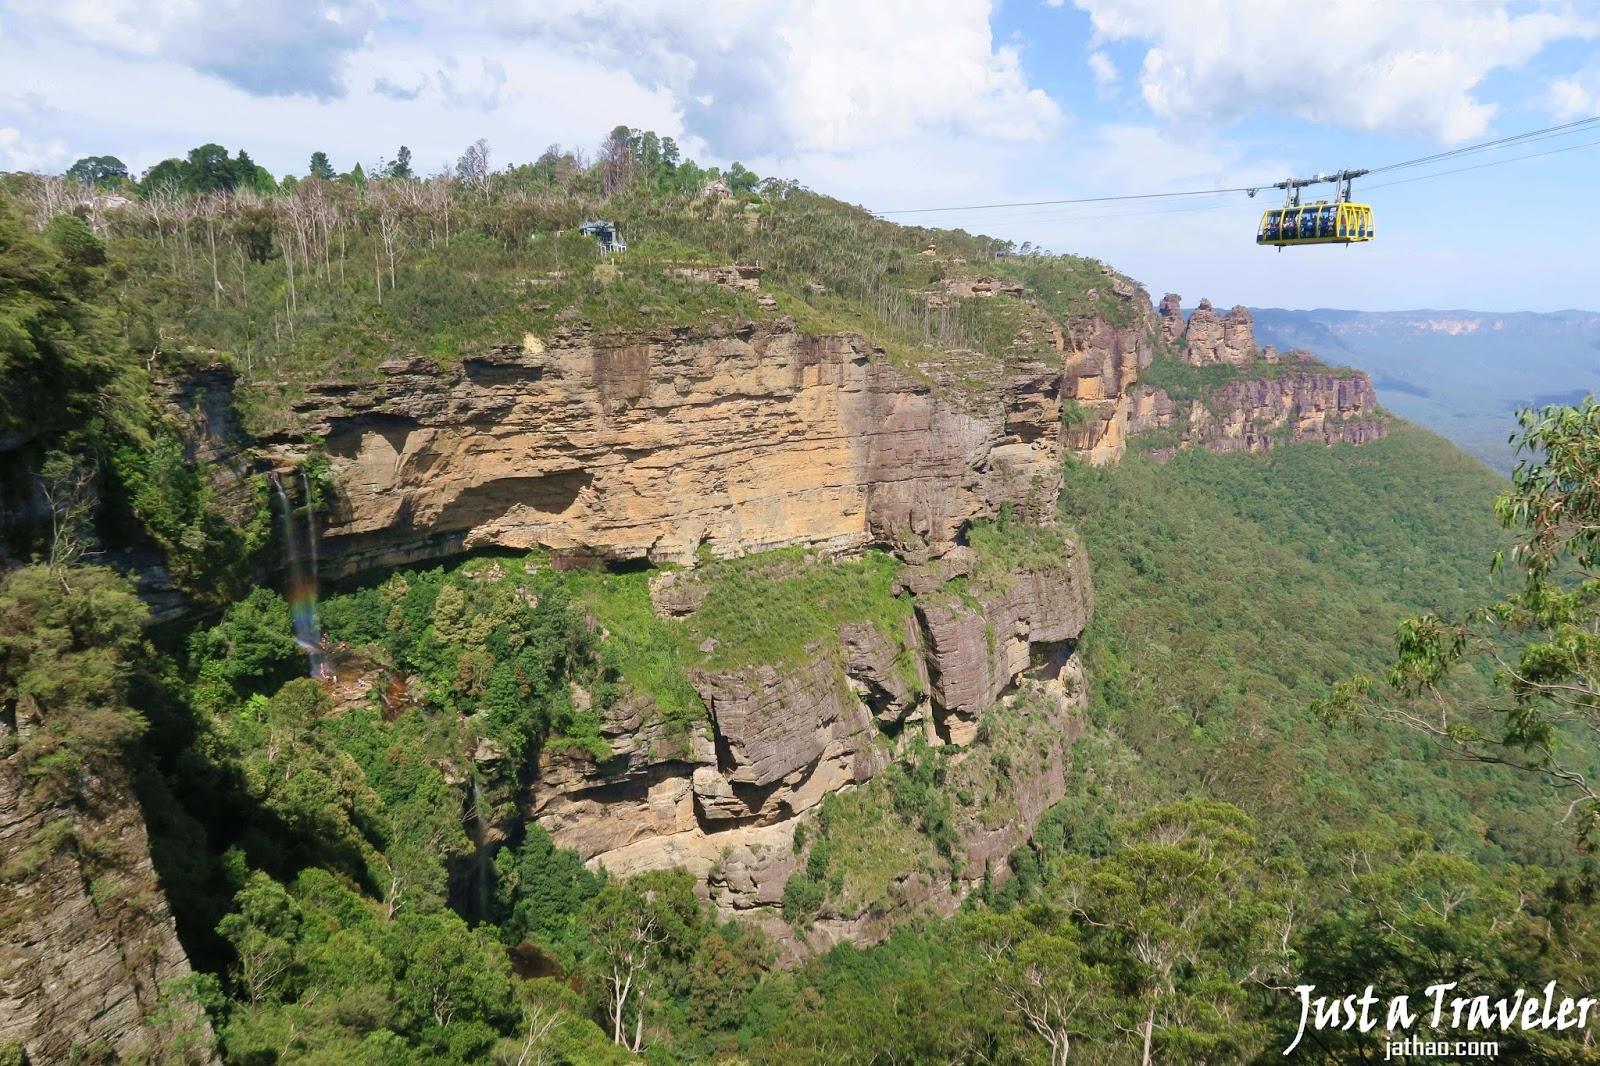 雪梨-雪梨景點-郊區-推薦-雪梨必玩景點-雪梨必遊景點-藍山國家公園-景觀世界-雪梨旅遊景點-雪梨自由行景點-悉尼景點-澳洲-Sydney-Tourist-Attraction-Blue-Mountain-National-Park-Scenic-World-Travel-Australia